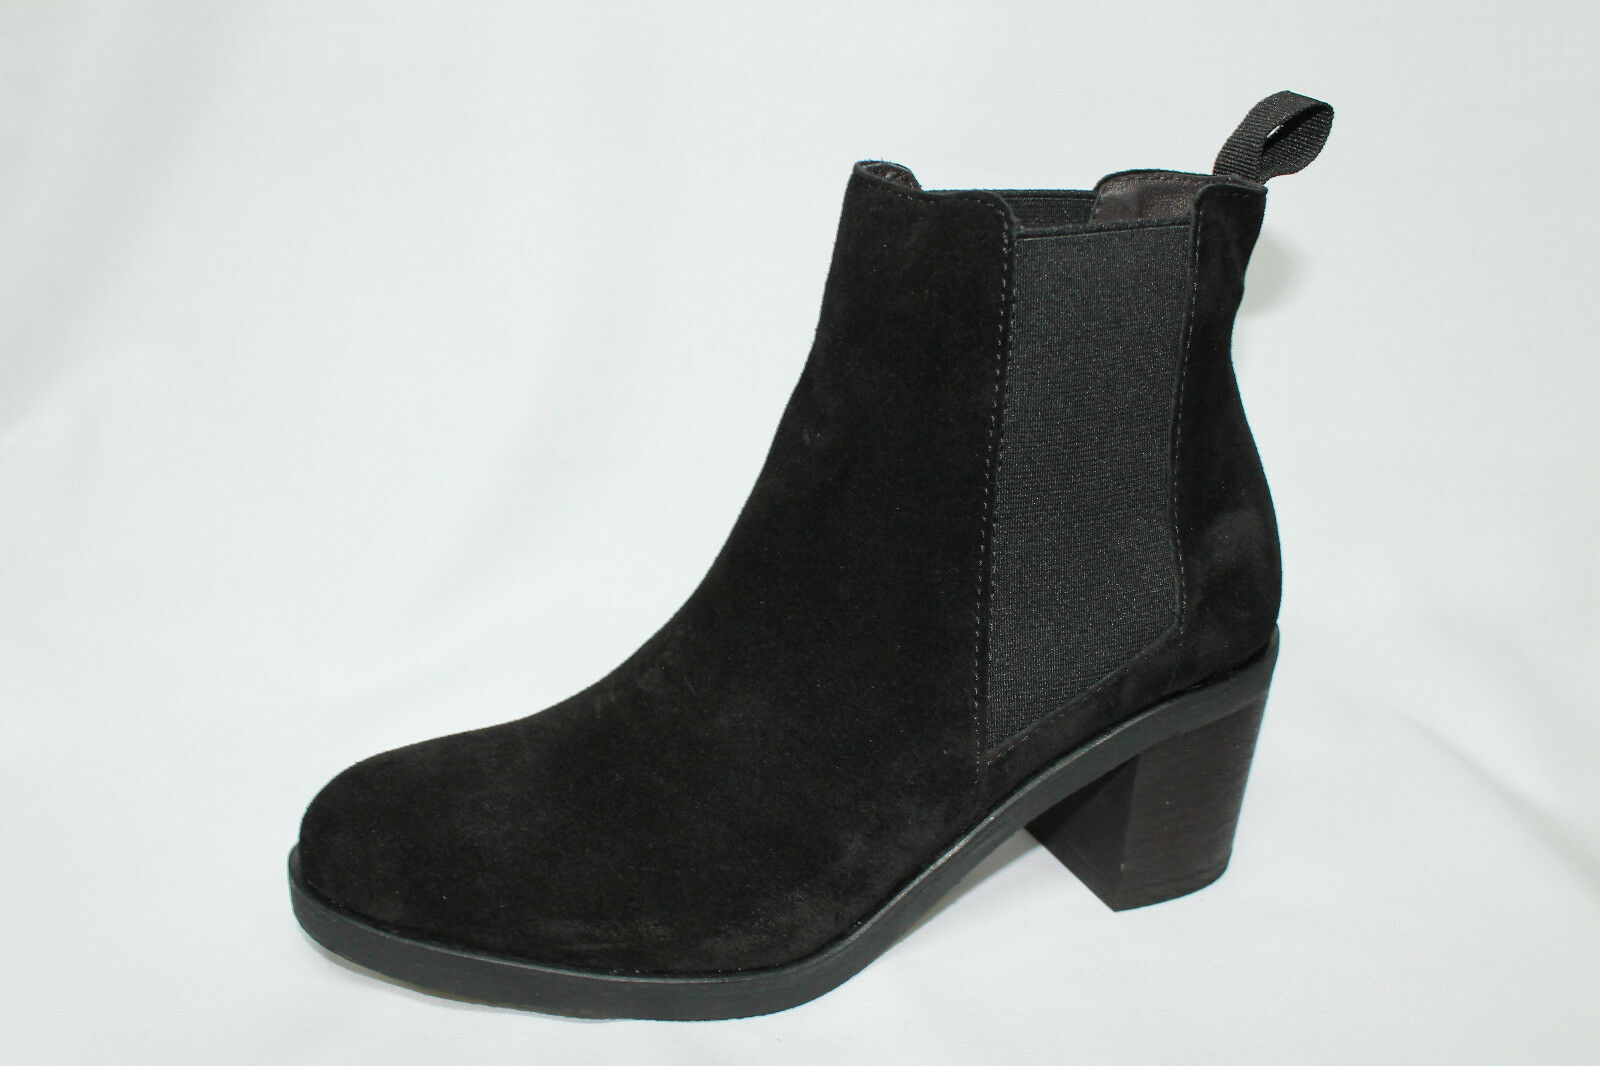 a prezzi accessibili Stivaletti Chelsea Beatles Frau 81D4 nero Made in    listino 105 - 20%  per il commercio all'ingrosso